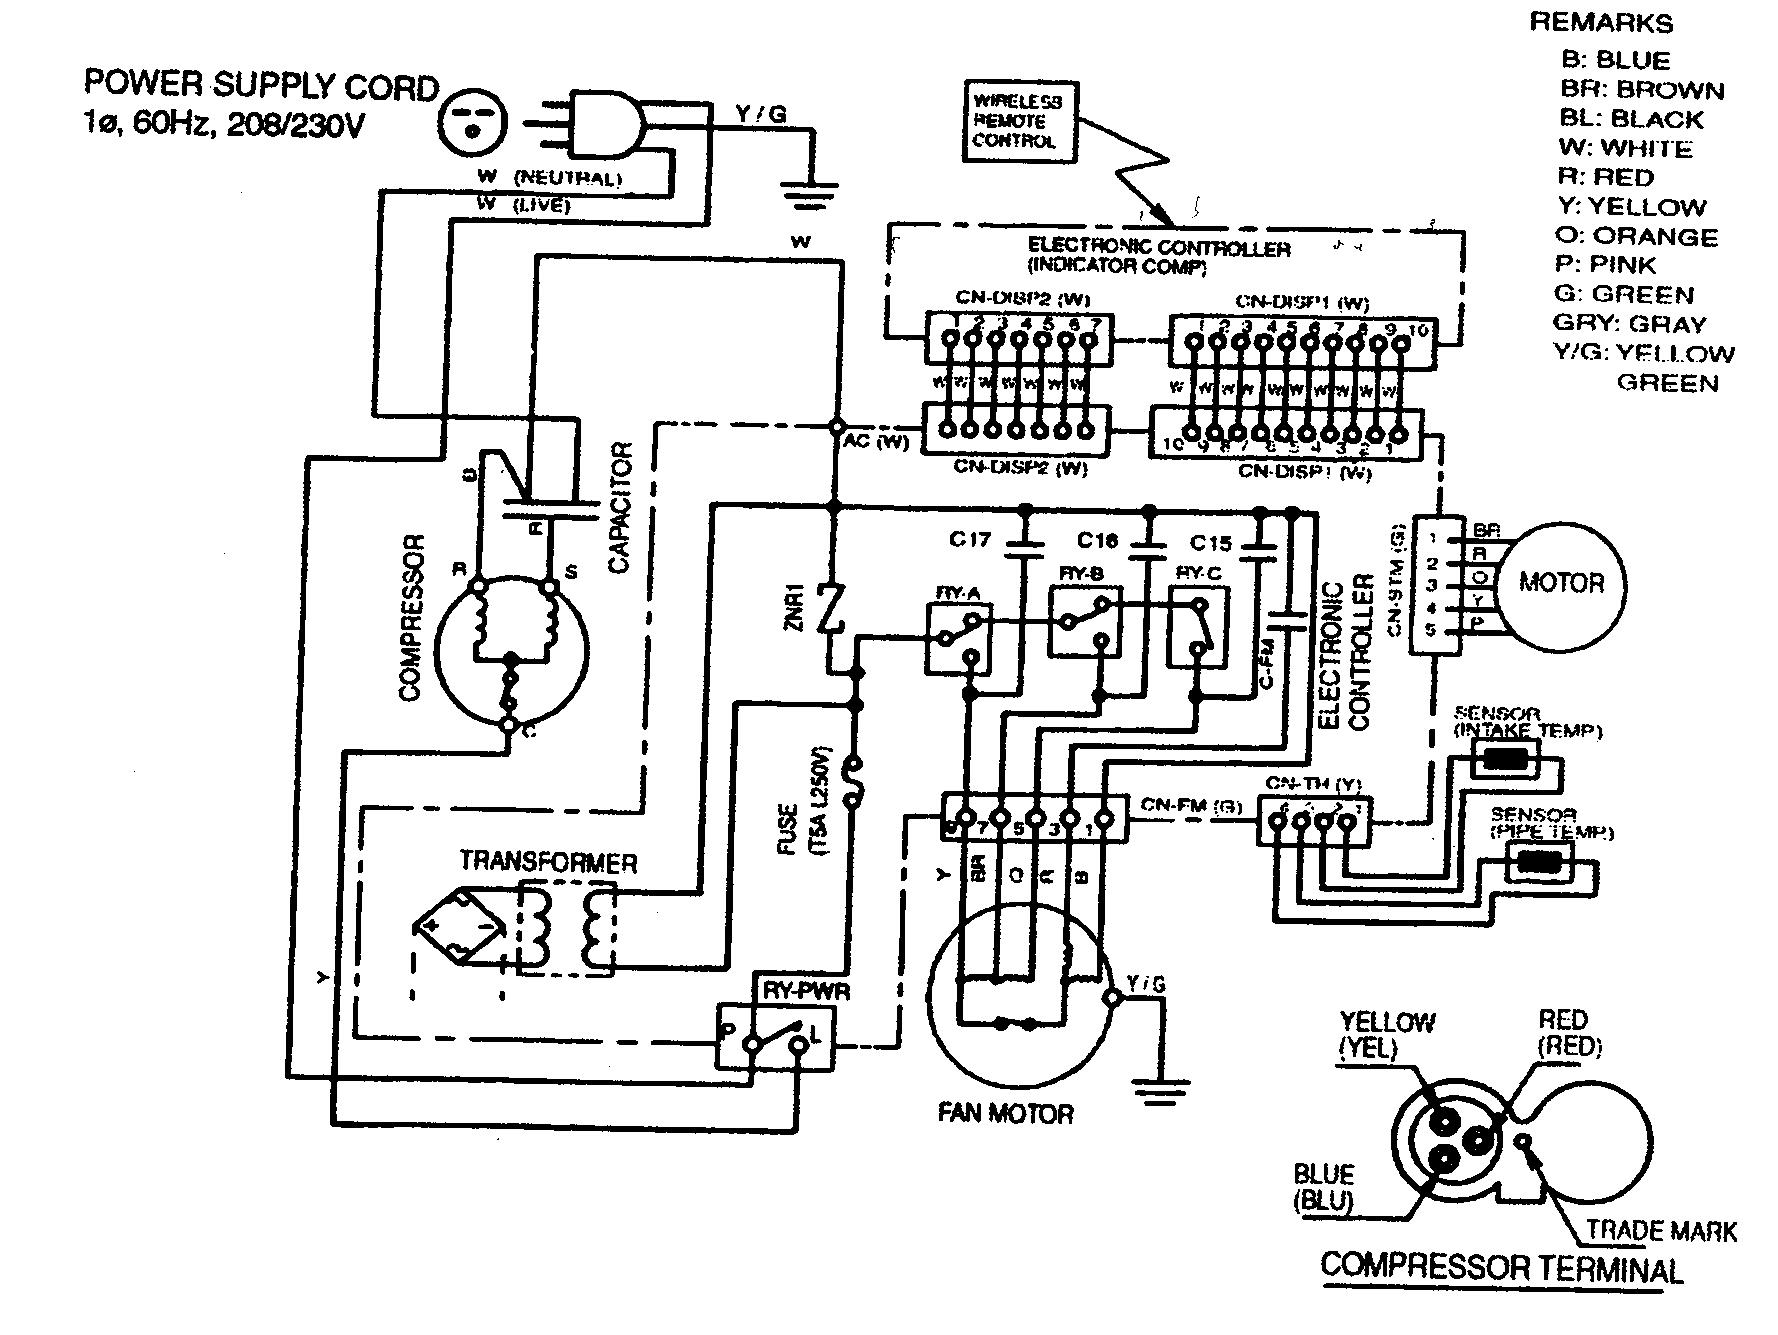 Panasonic model cw xc203eu air conditioner room genuine parts images panasonic inverter air conditioner wiring diagram